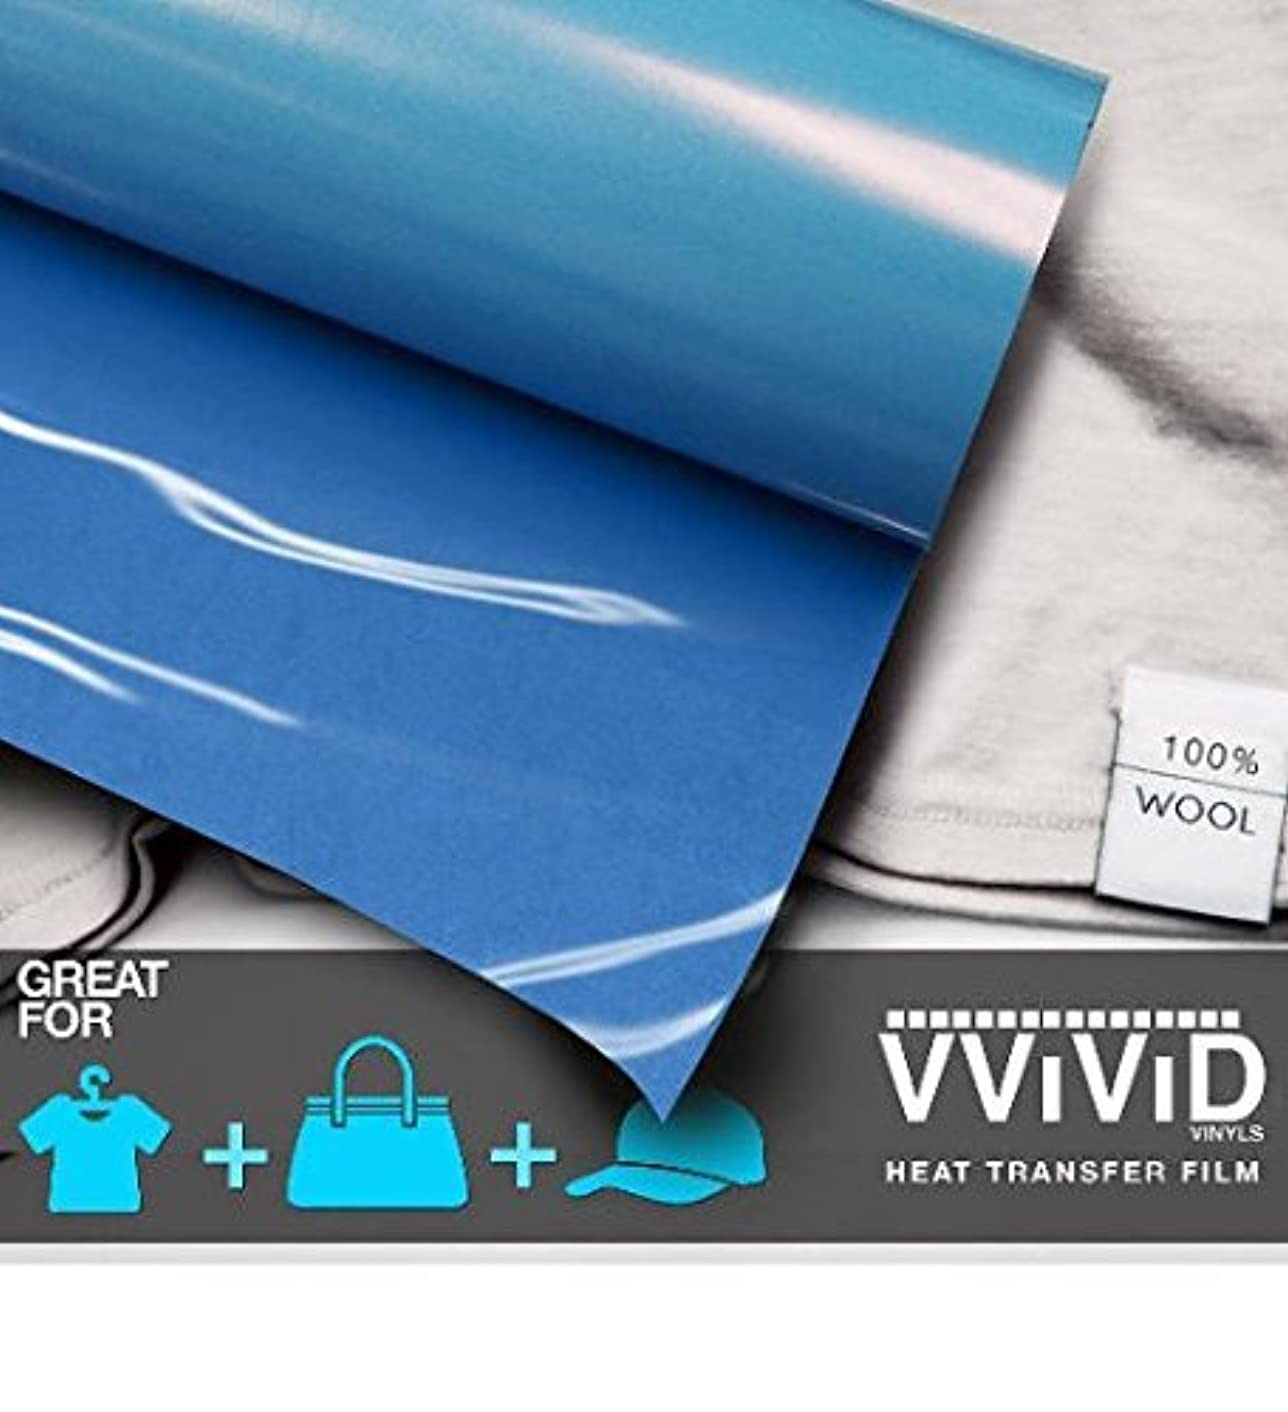 VViViD Sky Blue Heavy-Duty Iron-on Heat Transfer Vinyl Film (12